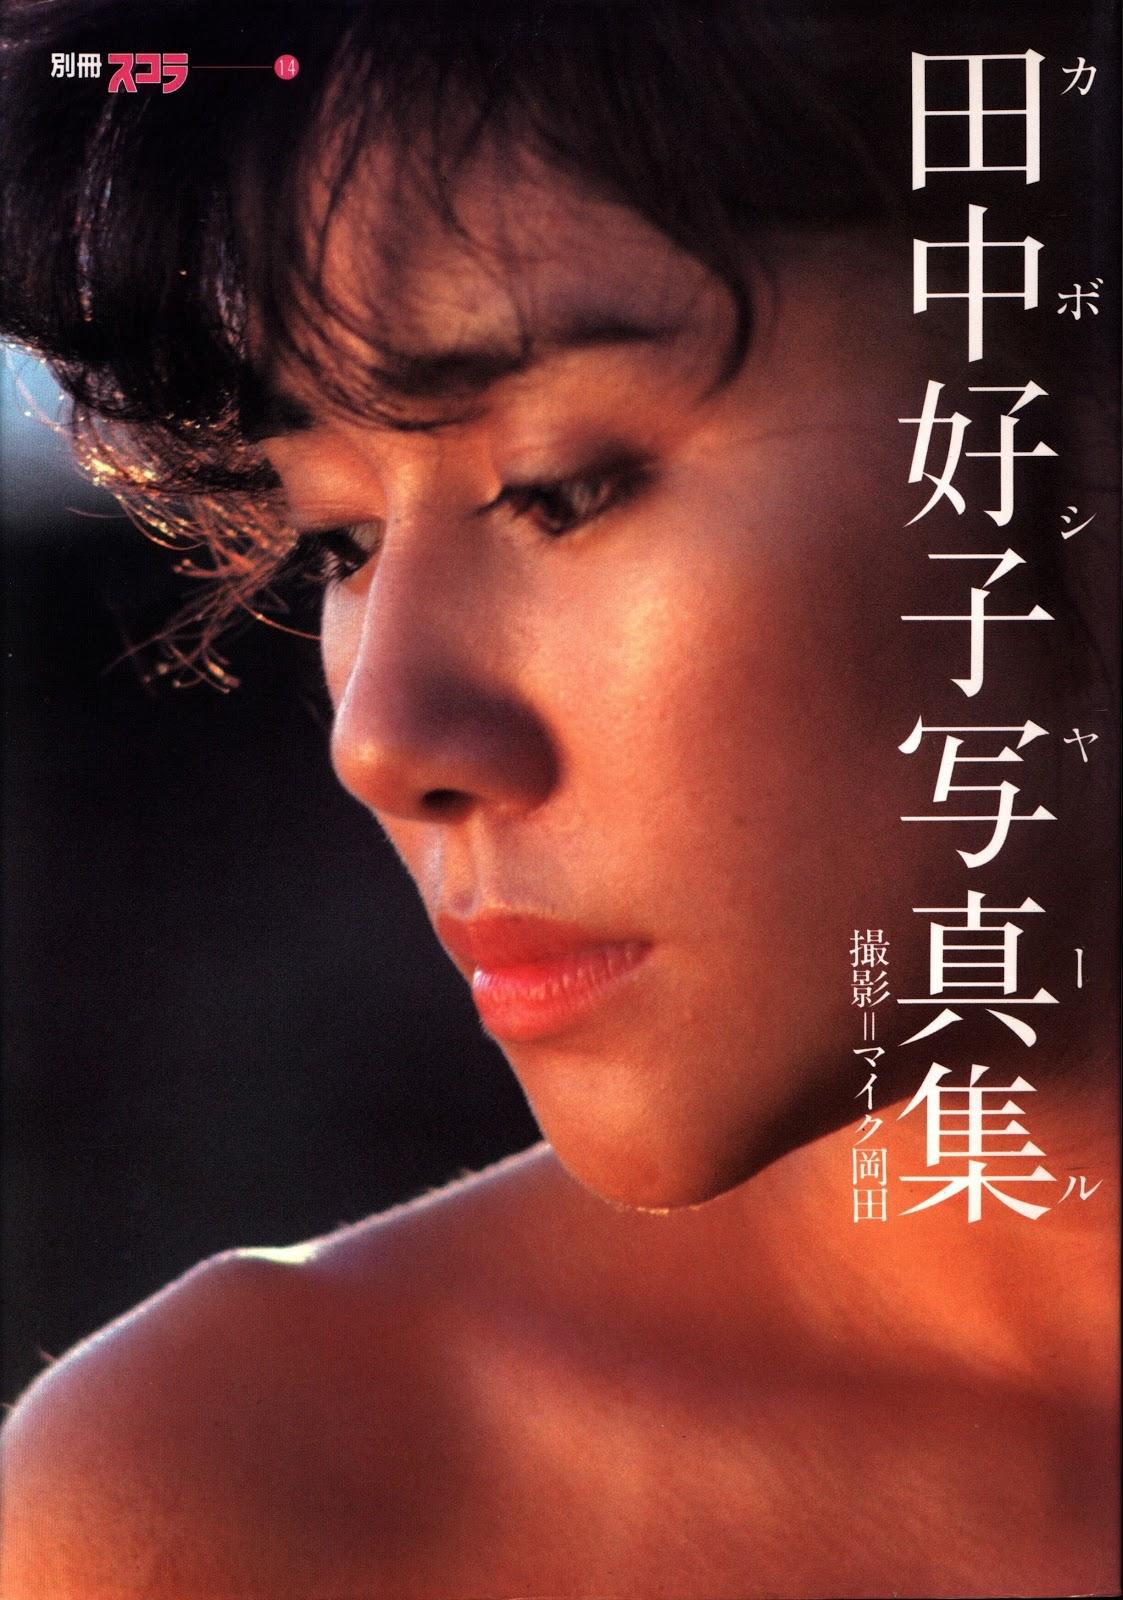 田中好子の画像 p1_4